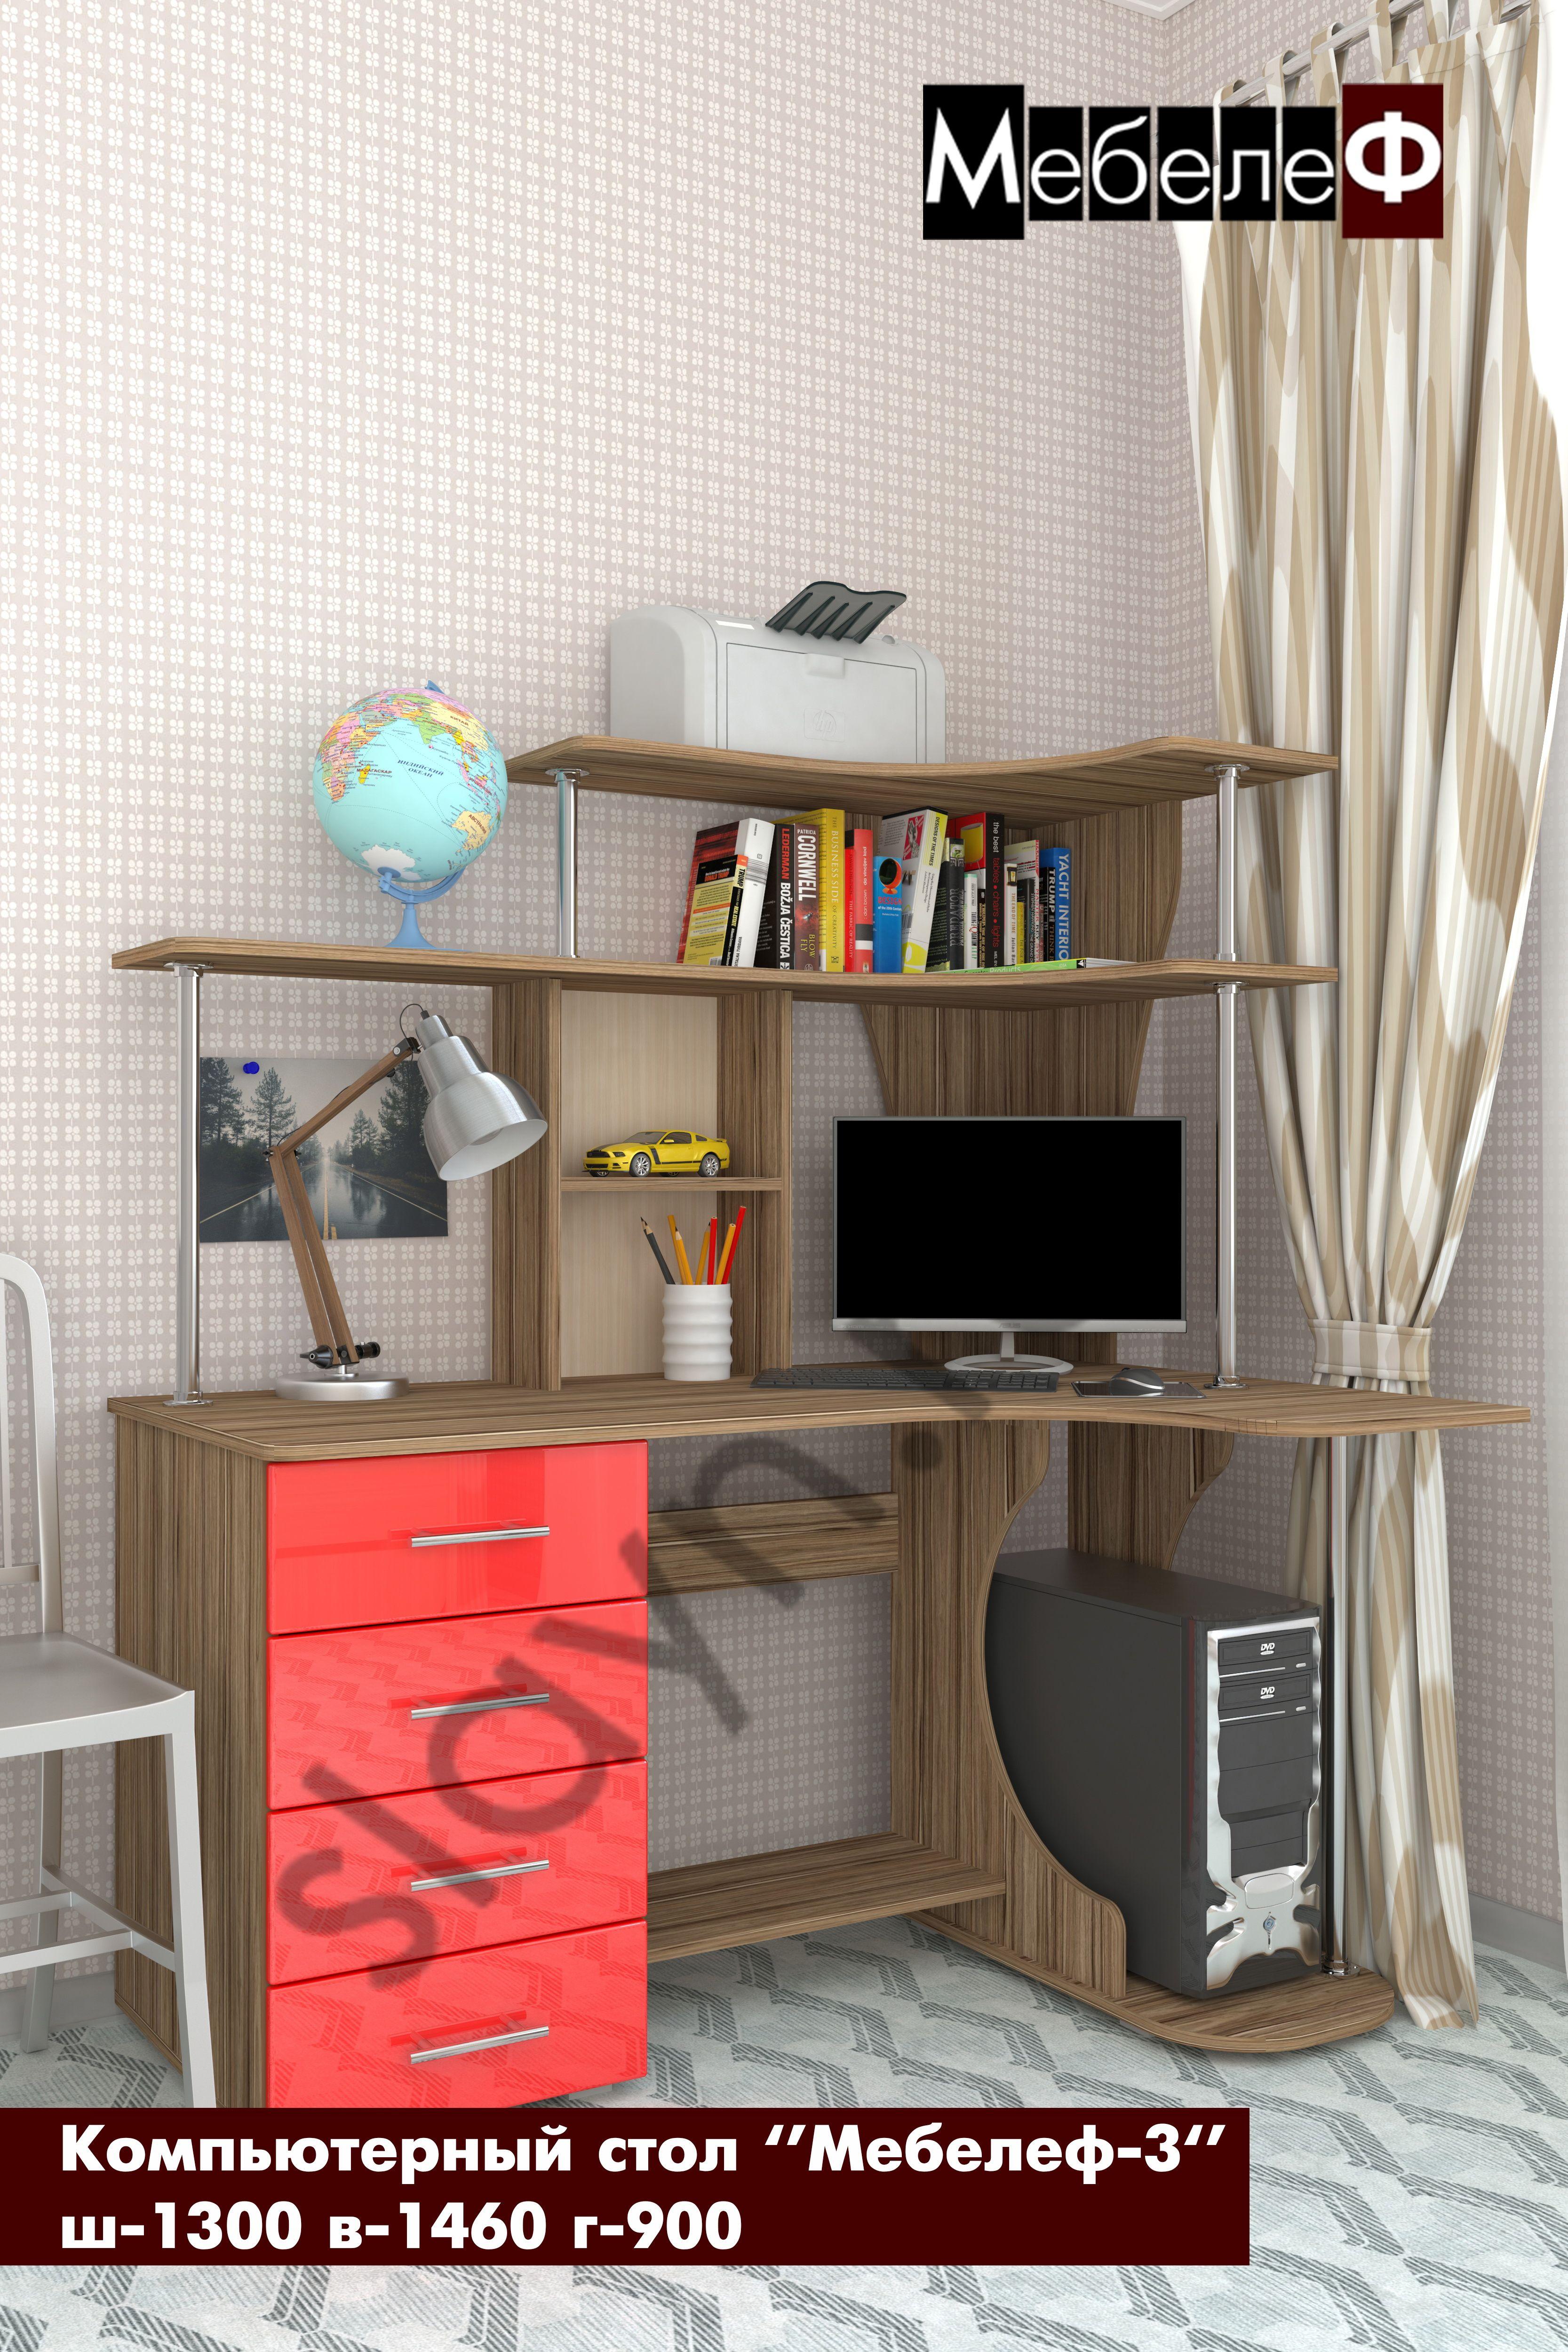 Компьютерный стол мебелеф кс-3 купить за 8700 руб. в москве .